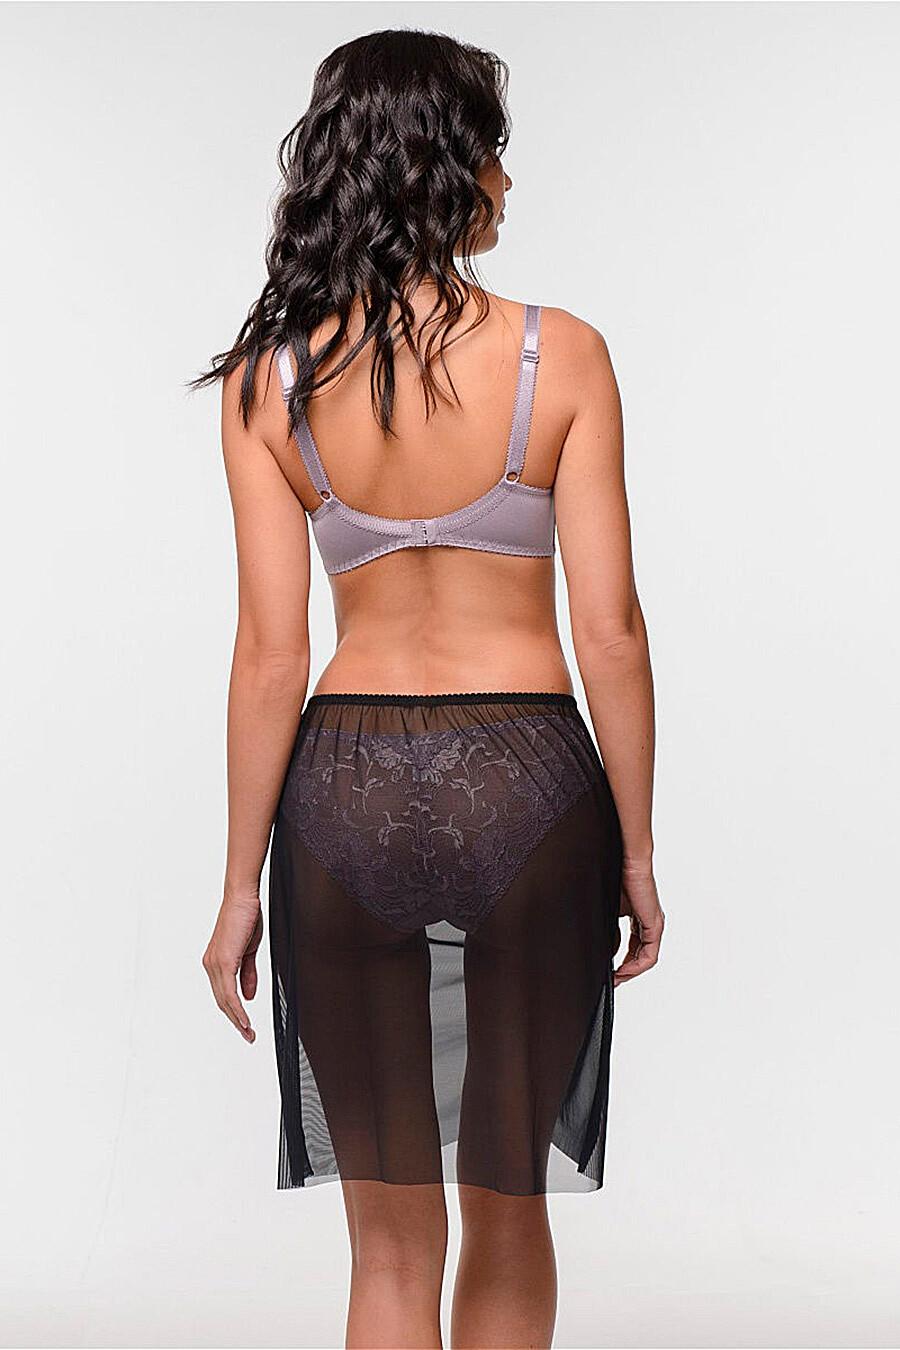 Нижняя юбка для женщин MILADY 247665 купить оптом от производителя. Совместная покупка женской одежды в OptMoyo